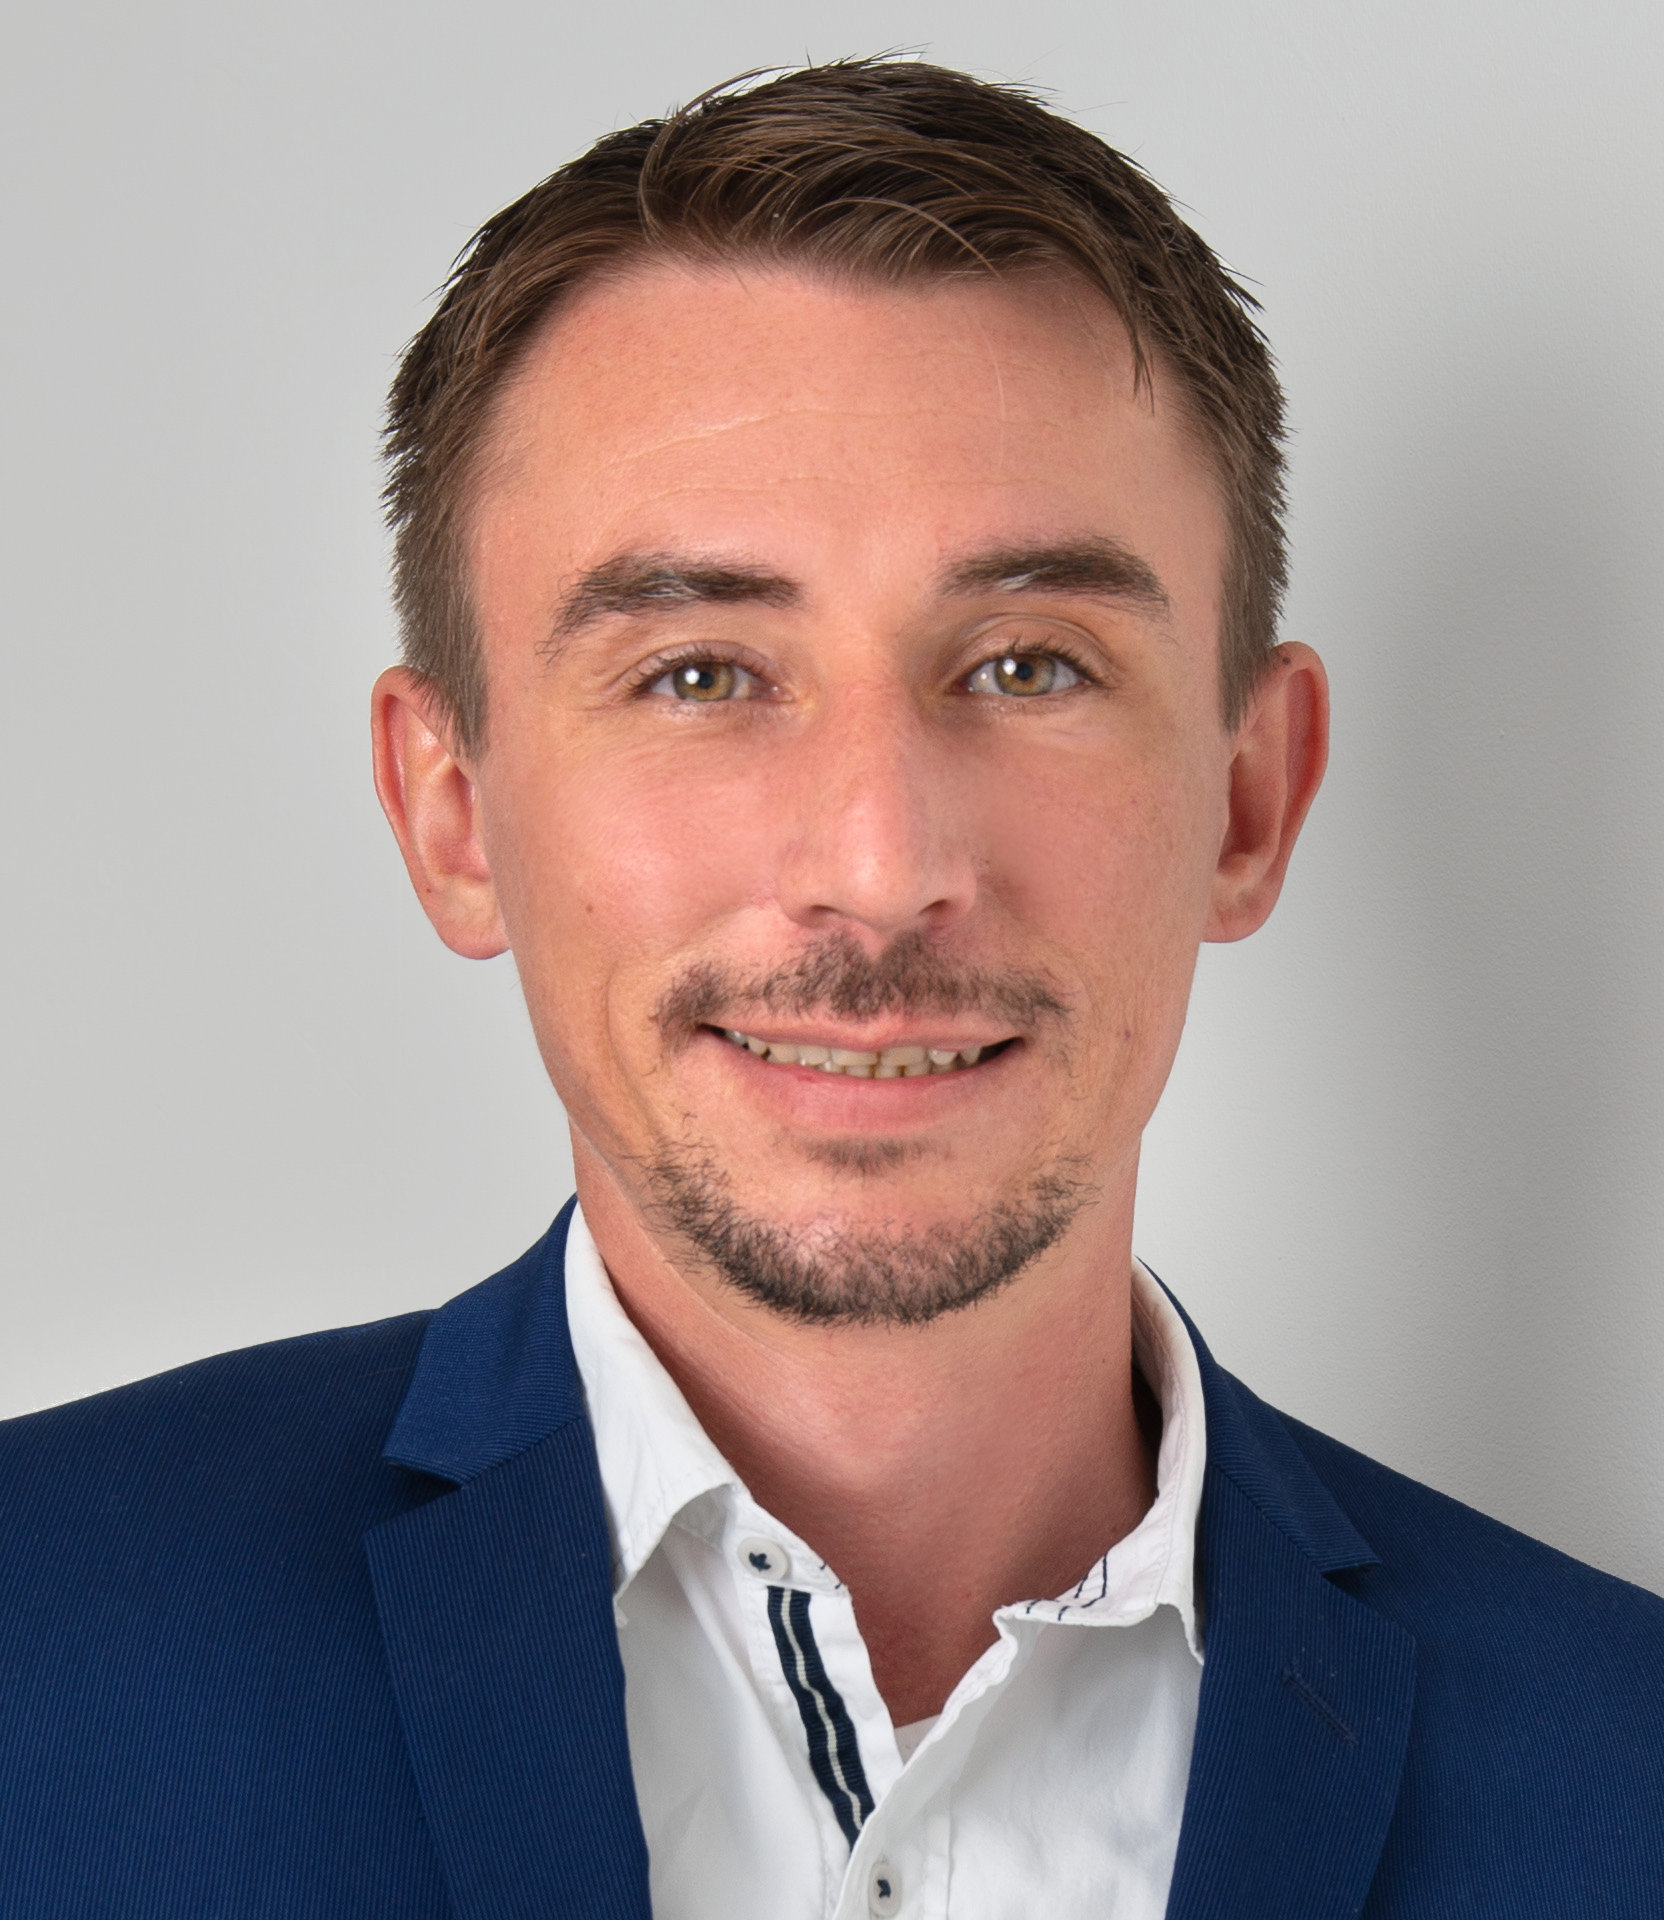 Herr Christian Junge: Ihr Ansprechpartner für unser Job-Angebot: Altenpflegehelfer (m/w/d) in Bergkamen, Dortmund, Hamm, Menden, Unna